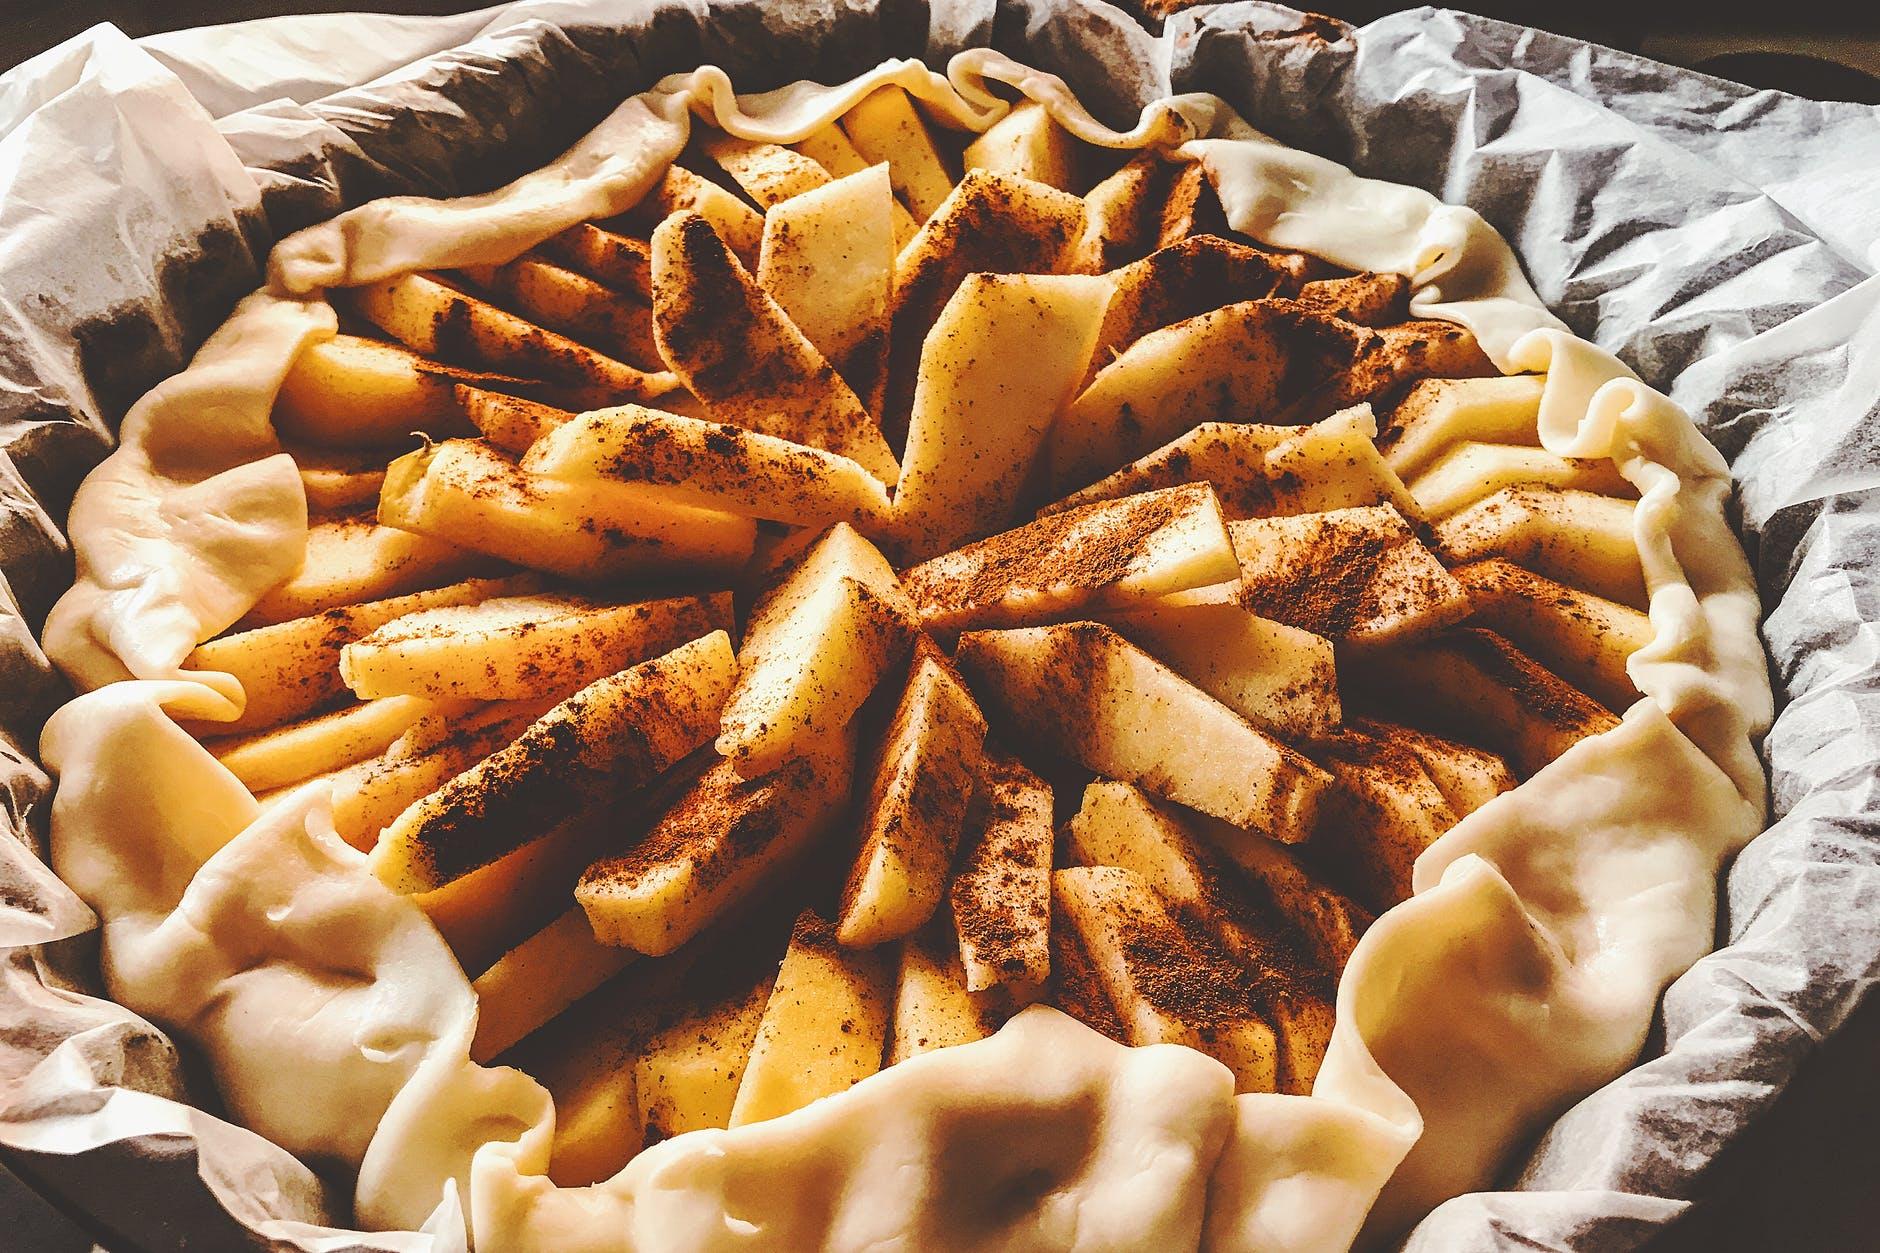 Prăjitură delicioasă cu mere! Trebuie doar să amesteci ingredientele și să dai TAVA la cuptor